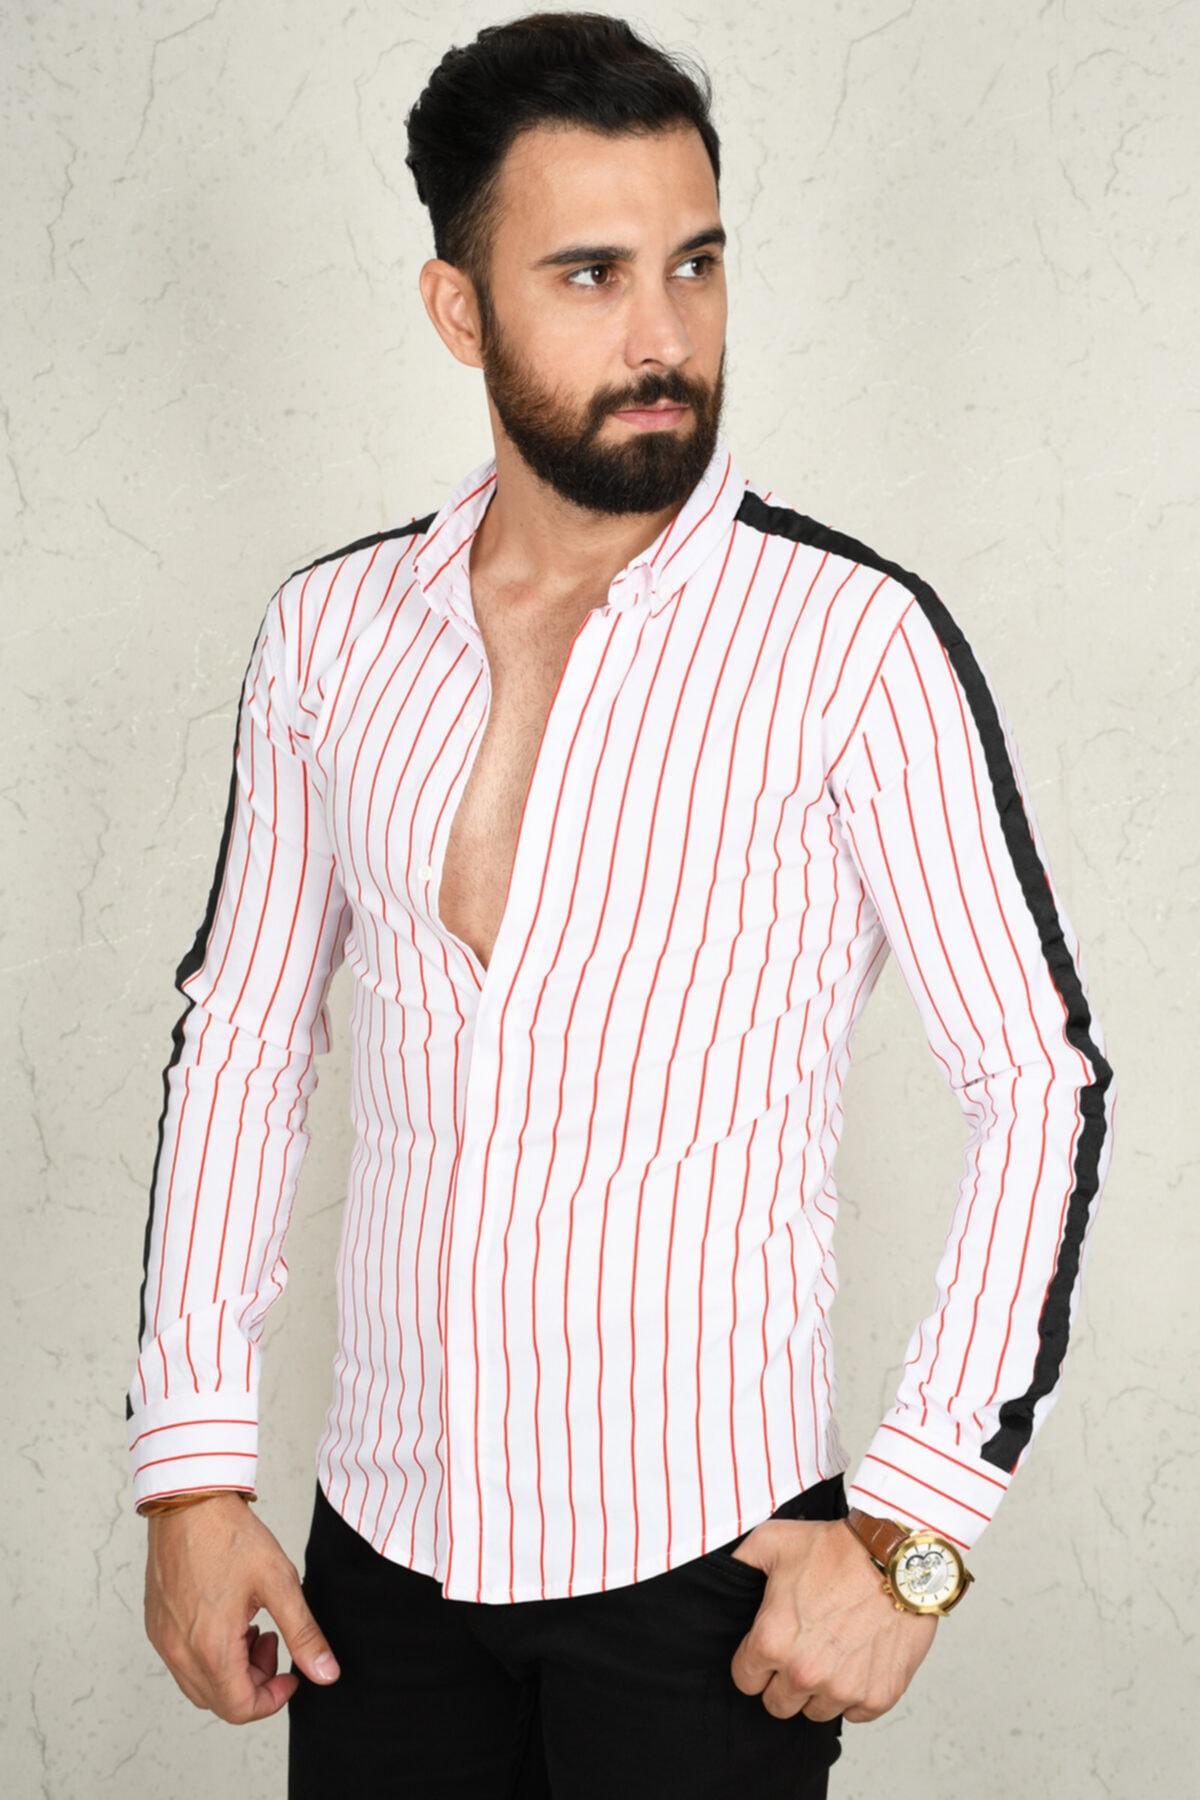 DeepSEA Kırmızı-beyaz Çizgili Kol Şeritli Erkek Gömlek 2002812 2